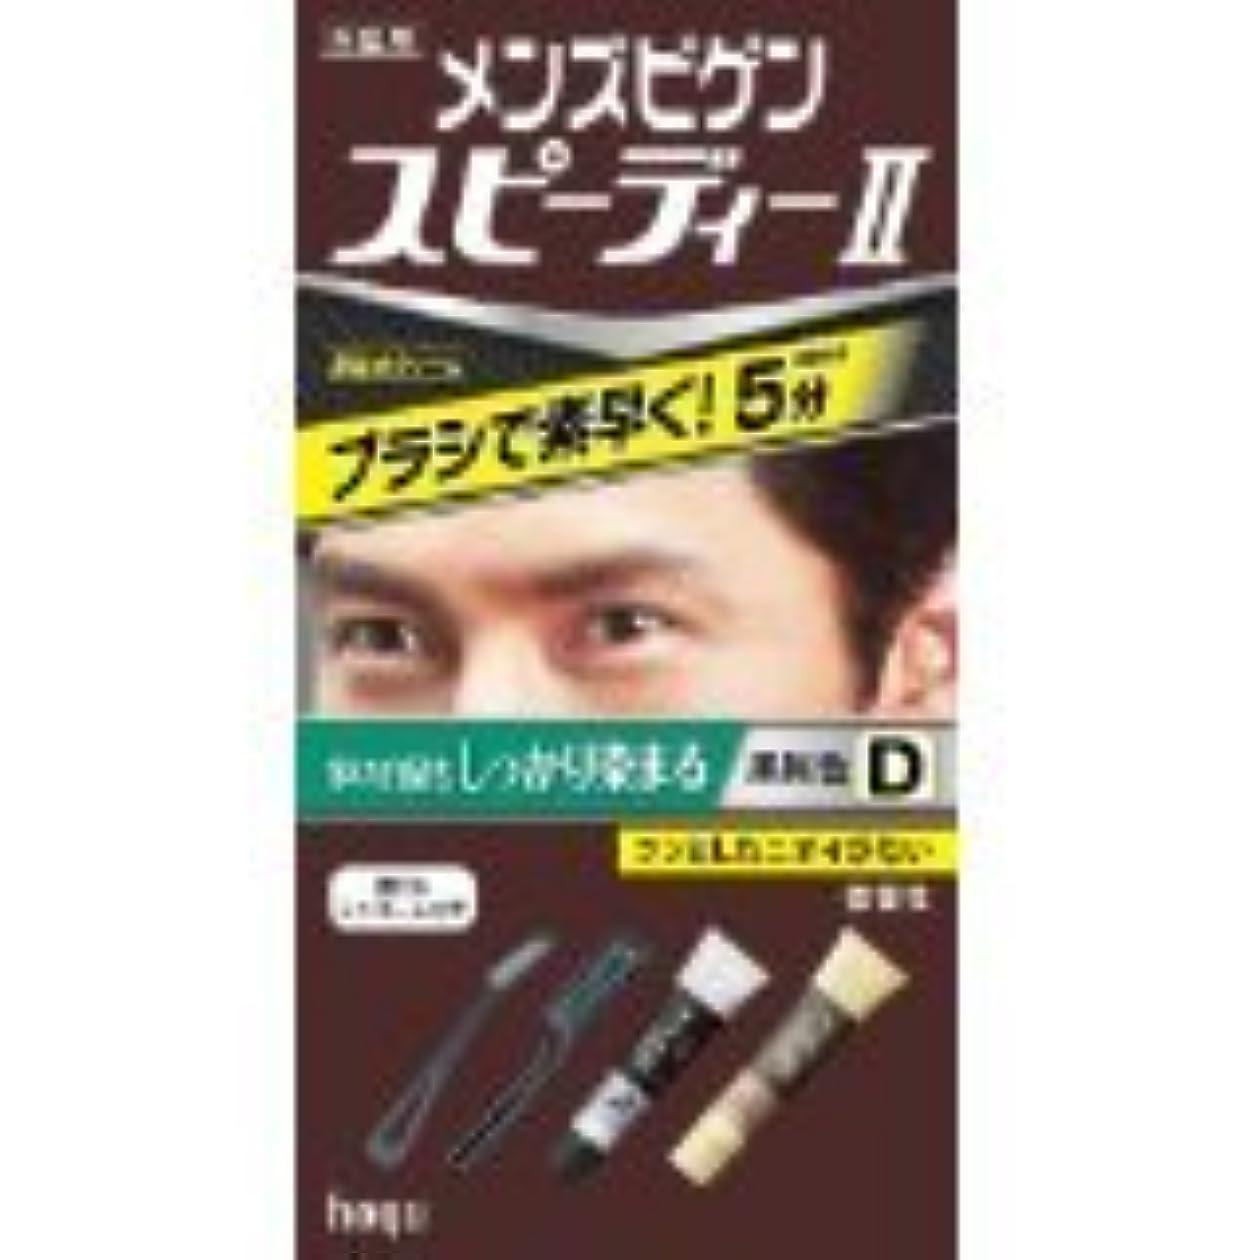 裁判官識字メッセンジャーメンズビゲン スピーディーⅡ (D 黒褐色)×36個